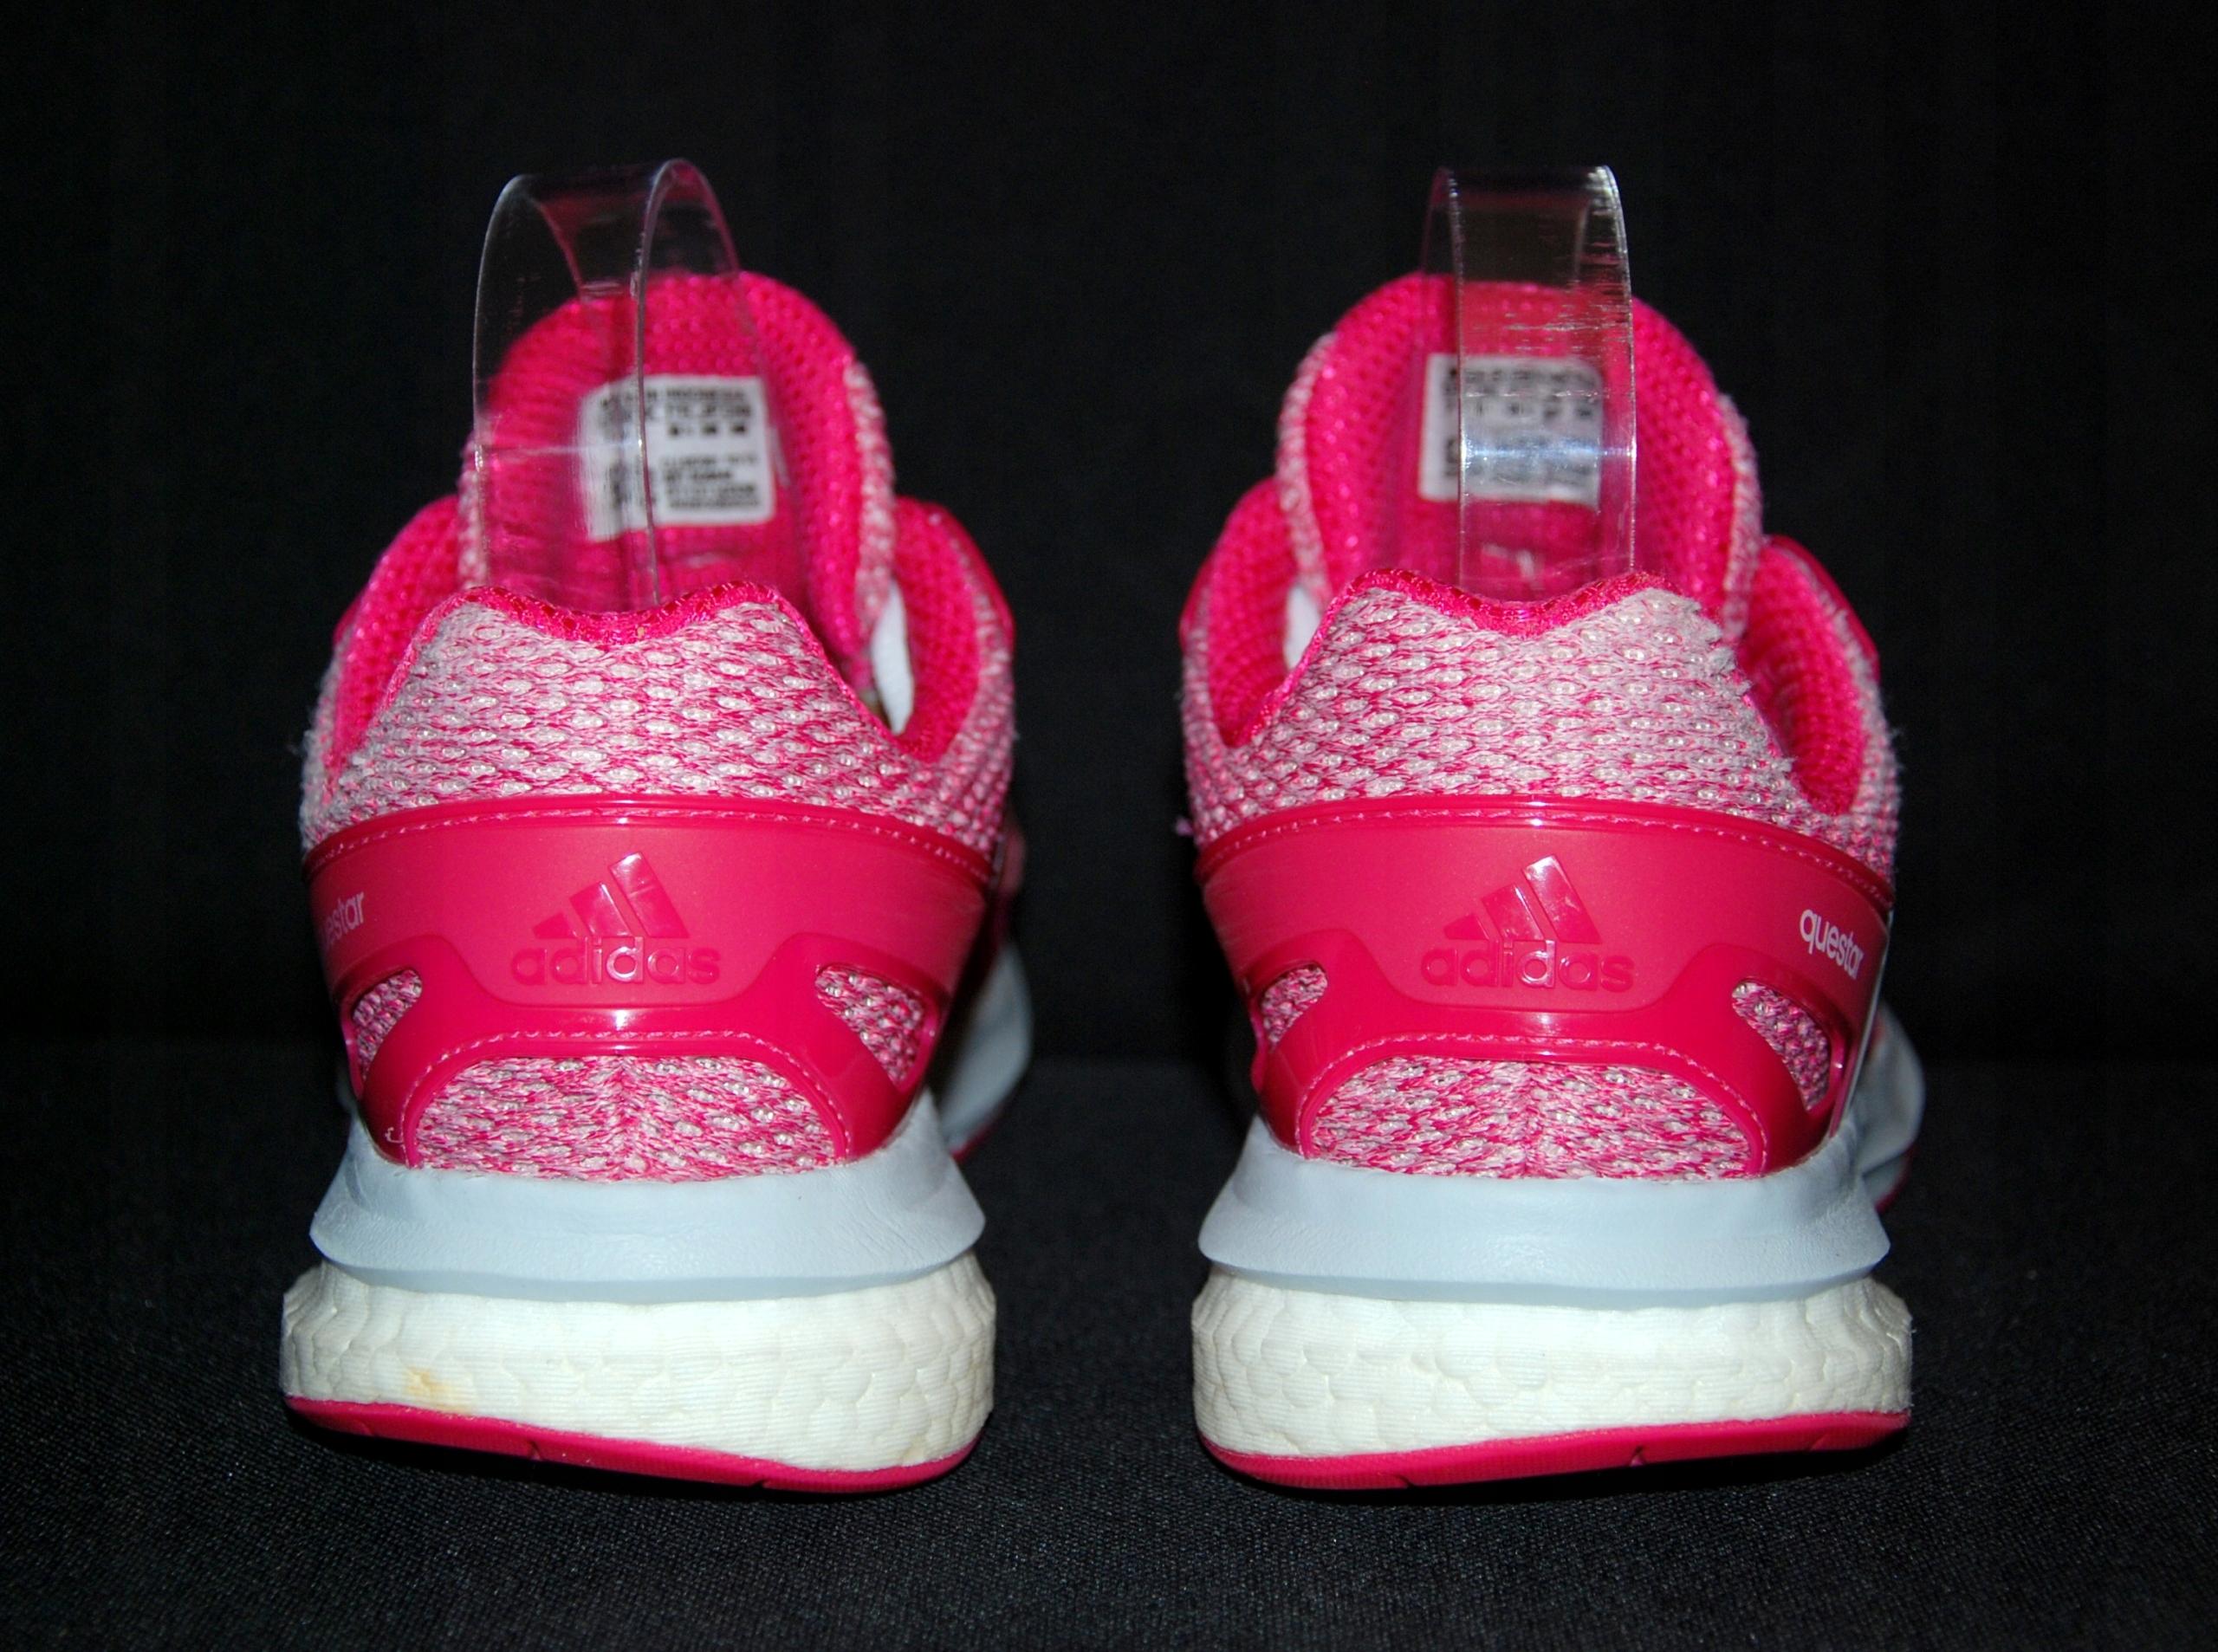 buty damskie sportowe ADIDAS roz. 39 wkł. 24,5 cm